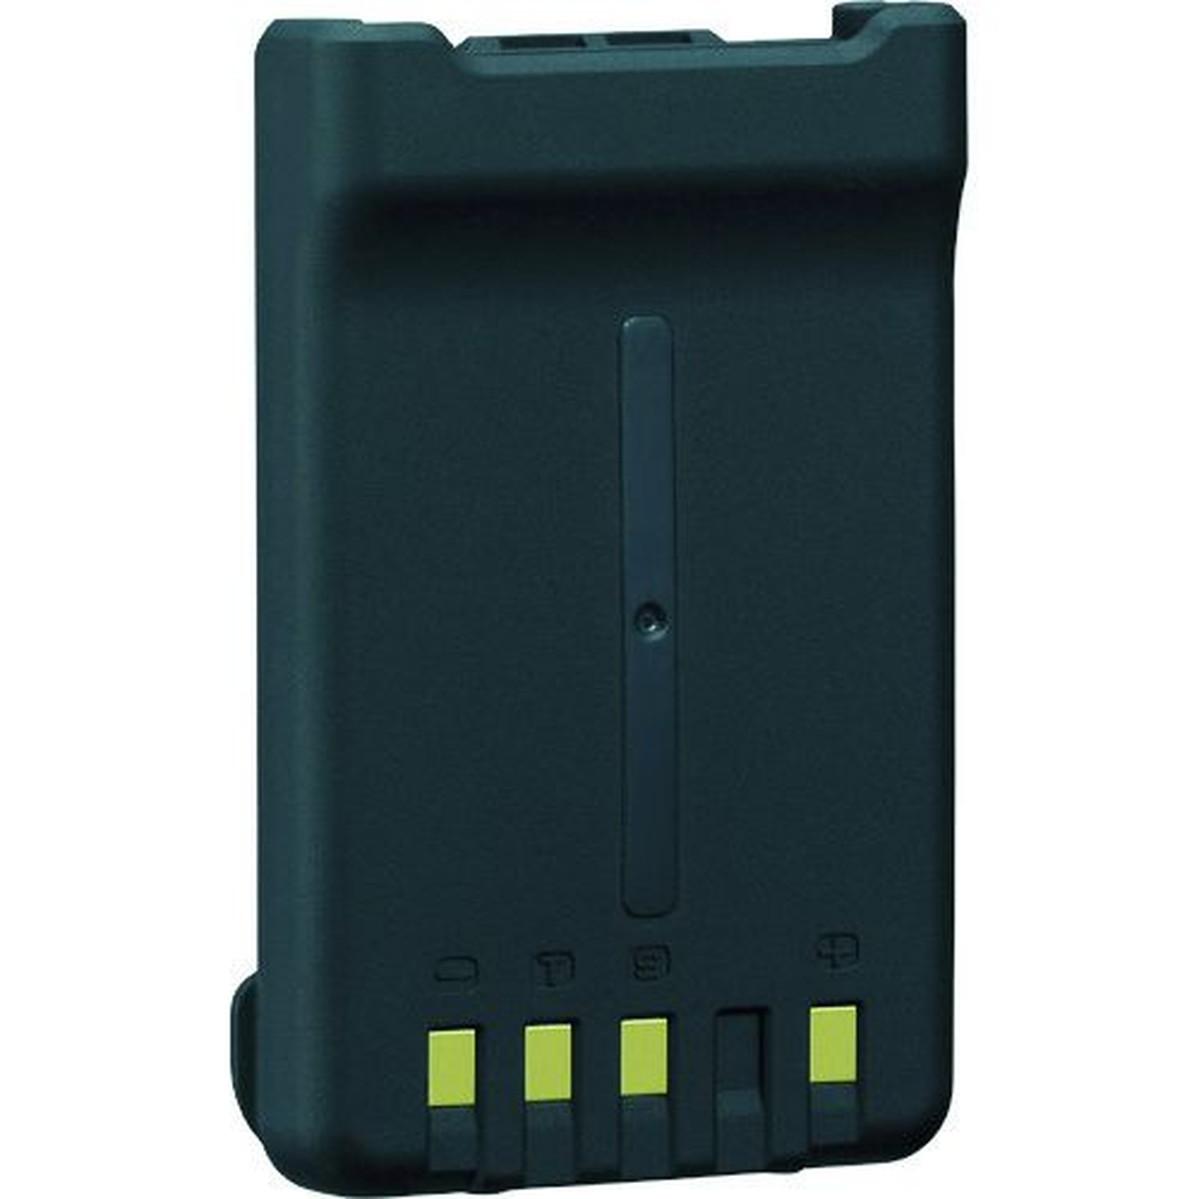 2020激安通販 ケンウッド リチウムイオンバッテリー(1100mAh) 1個ケンウッド リチウムイオンバッテリー(1100mAh) 1個, 空調センター:67c61d71 --- bungsu.net